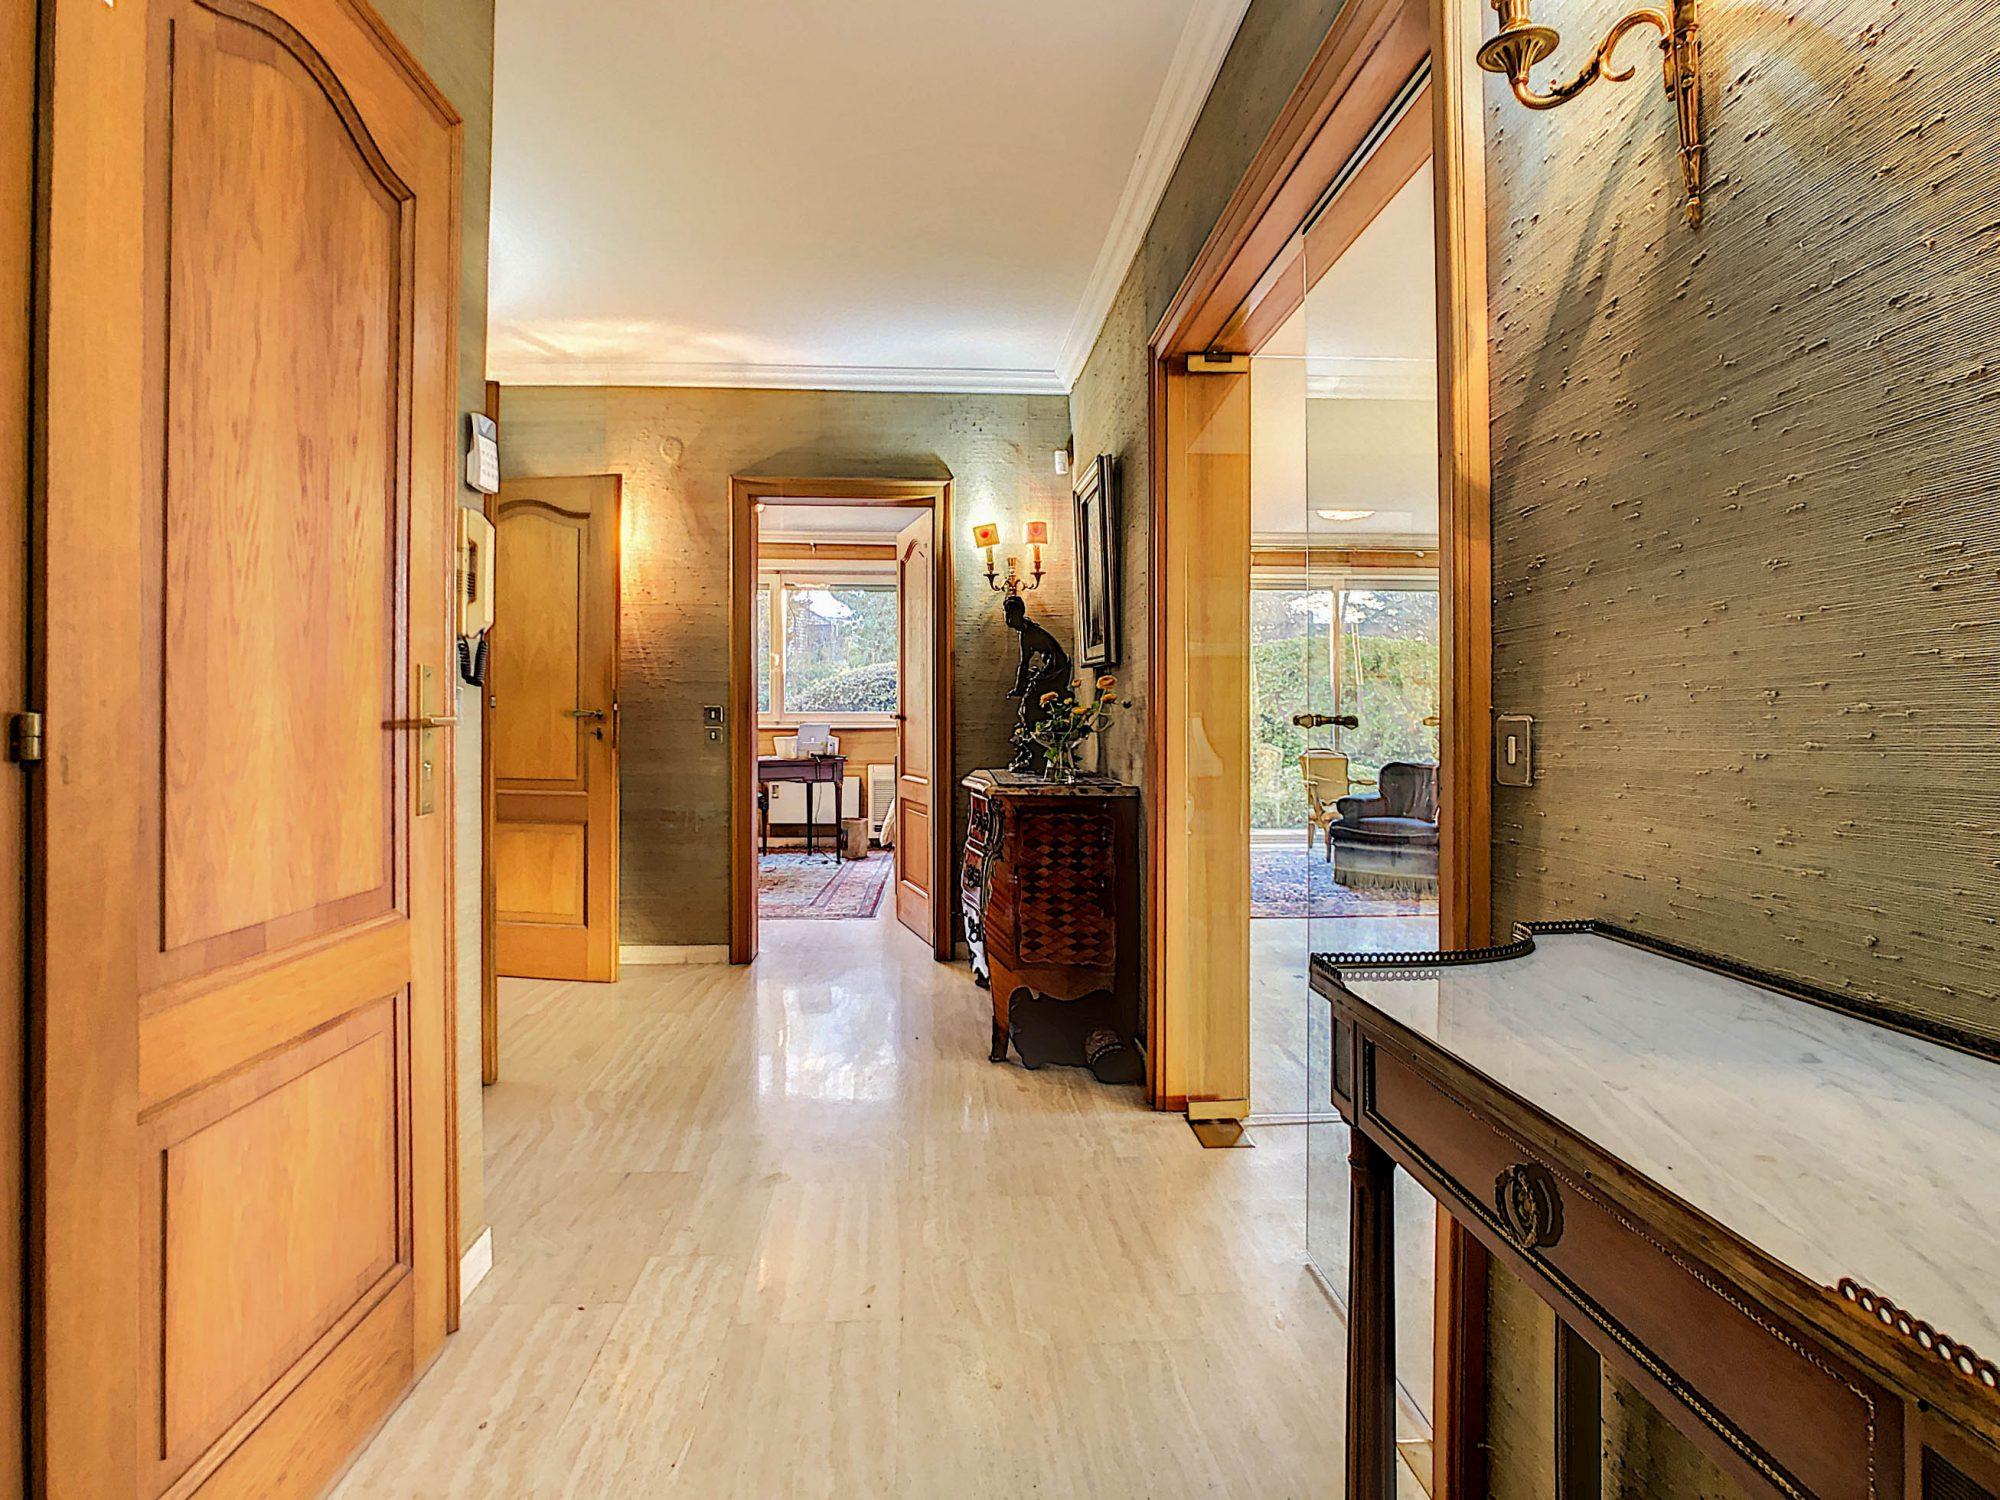 Maison individuelle 8 pièces de 250m2 à Illkirch-Graffenstaden - Devenez propriétaire en toute confiance - Bintz Immobilier - 8